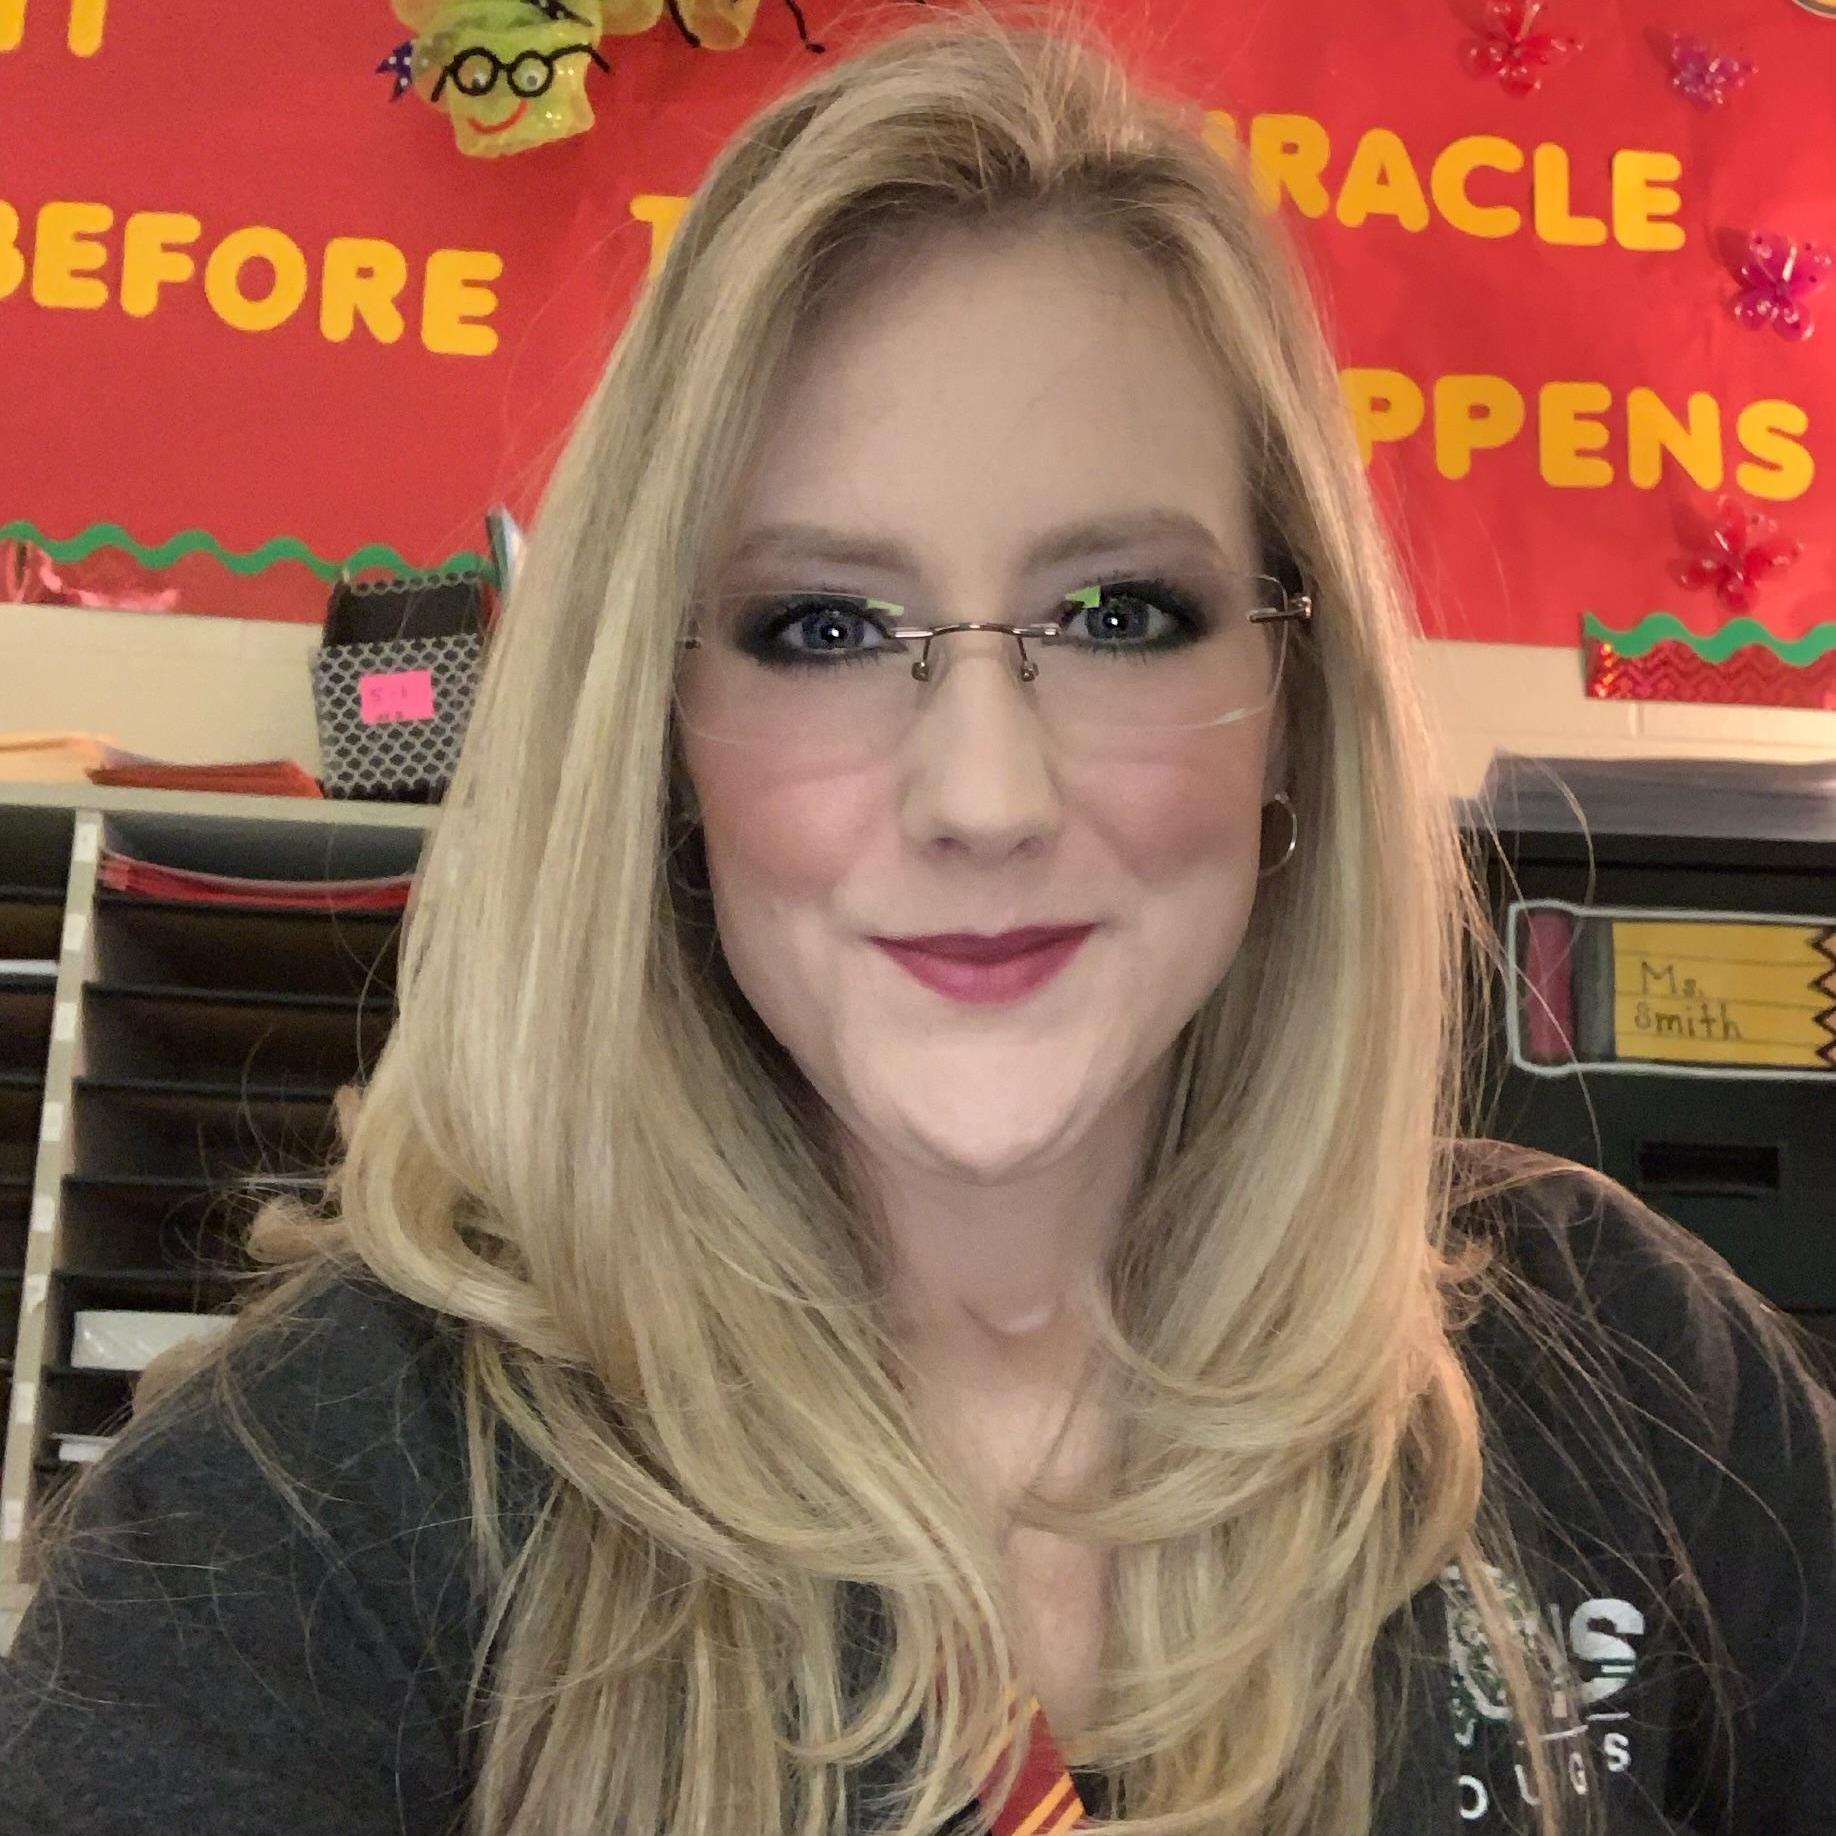 Sierra Smith's Profile Photo